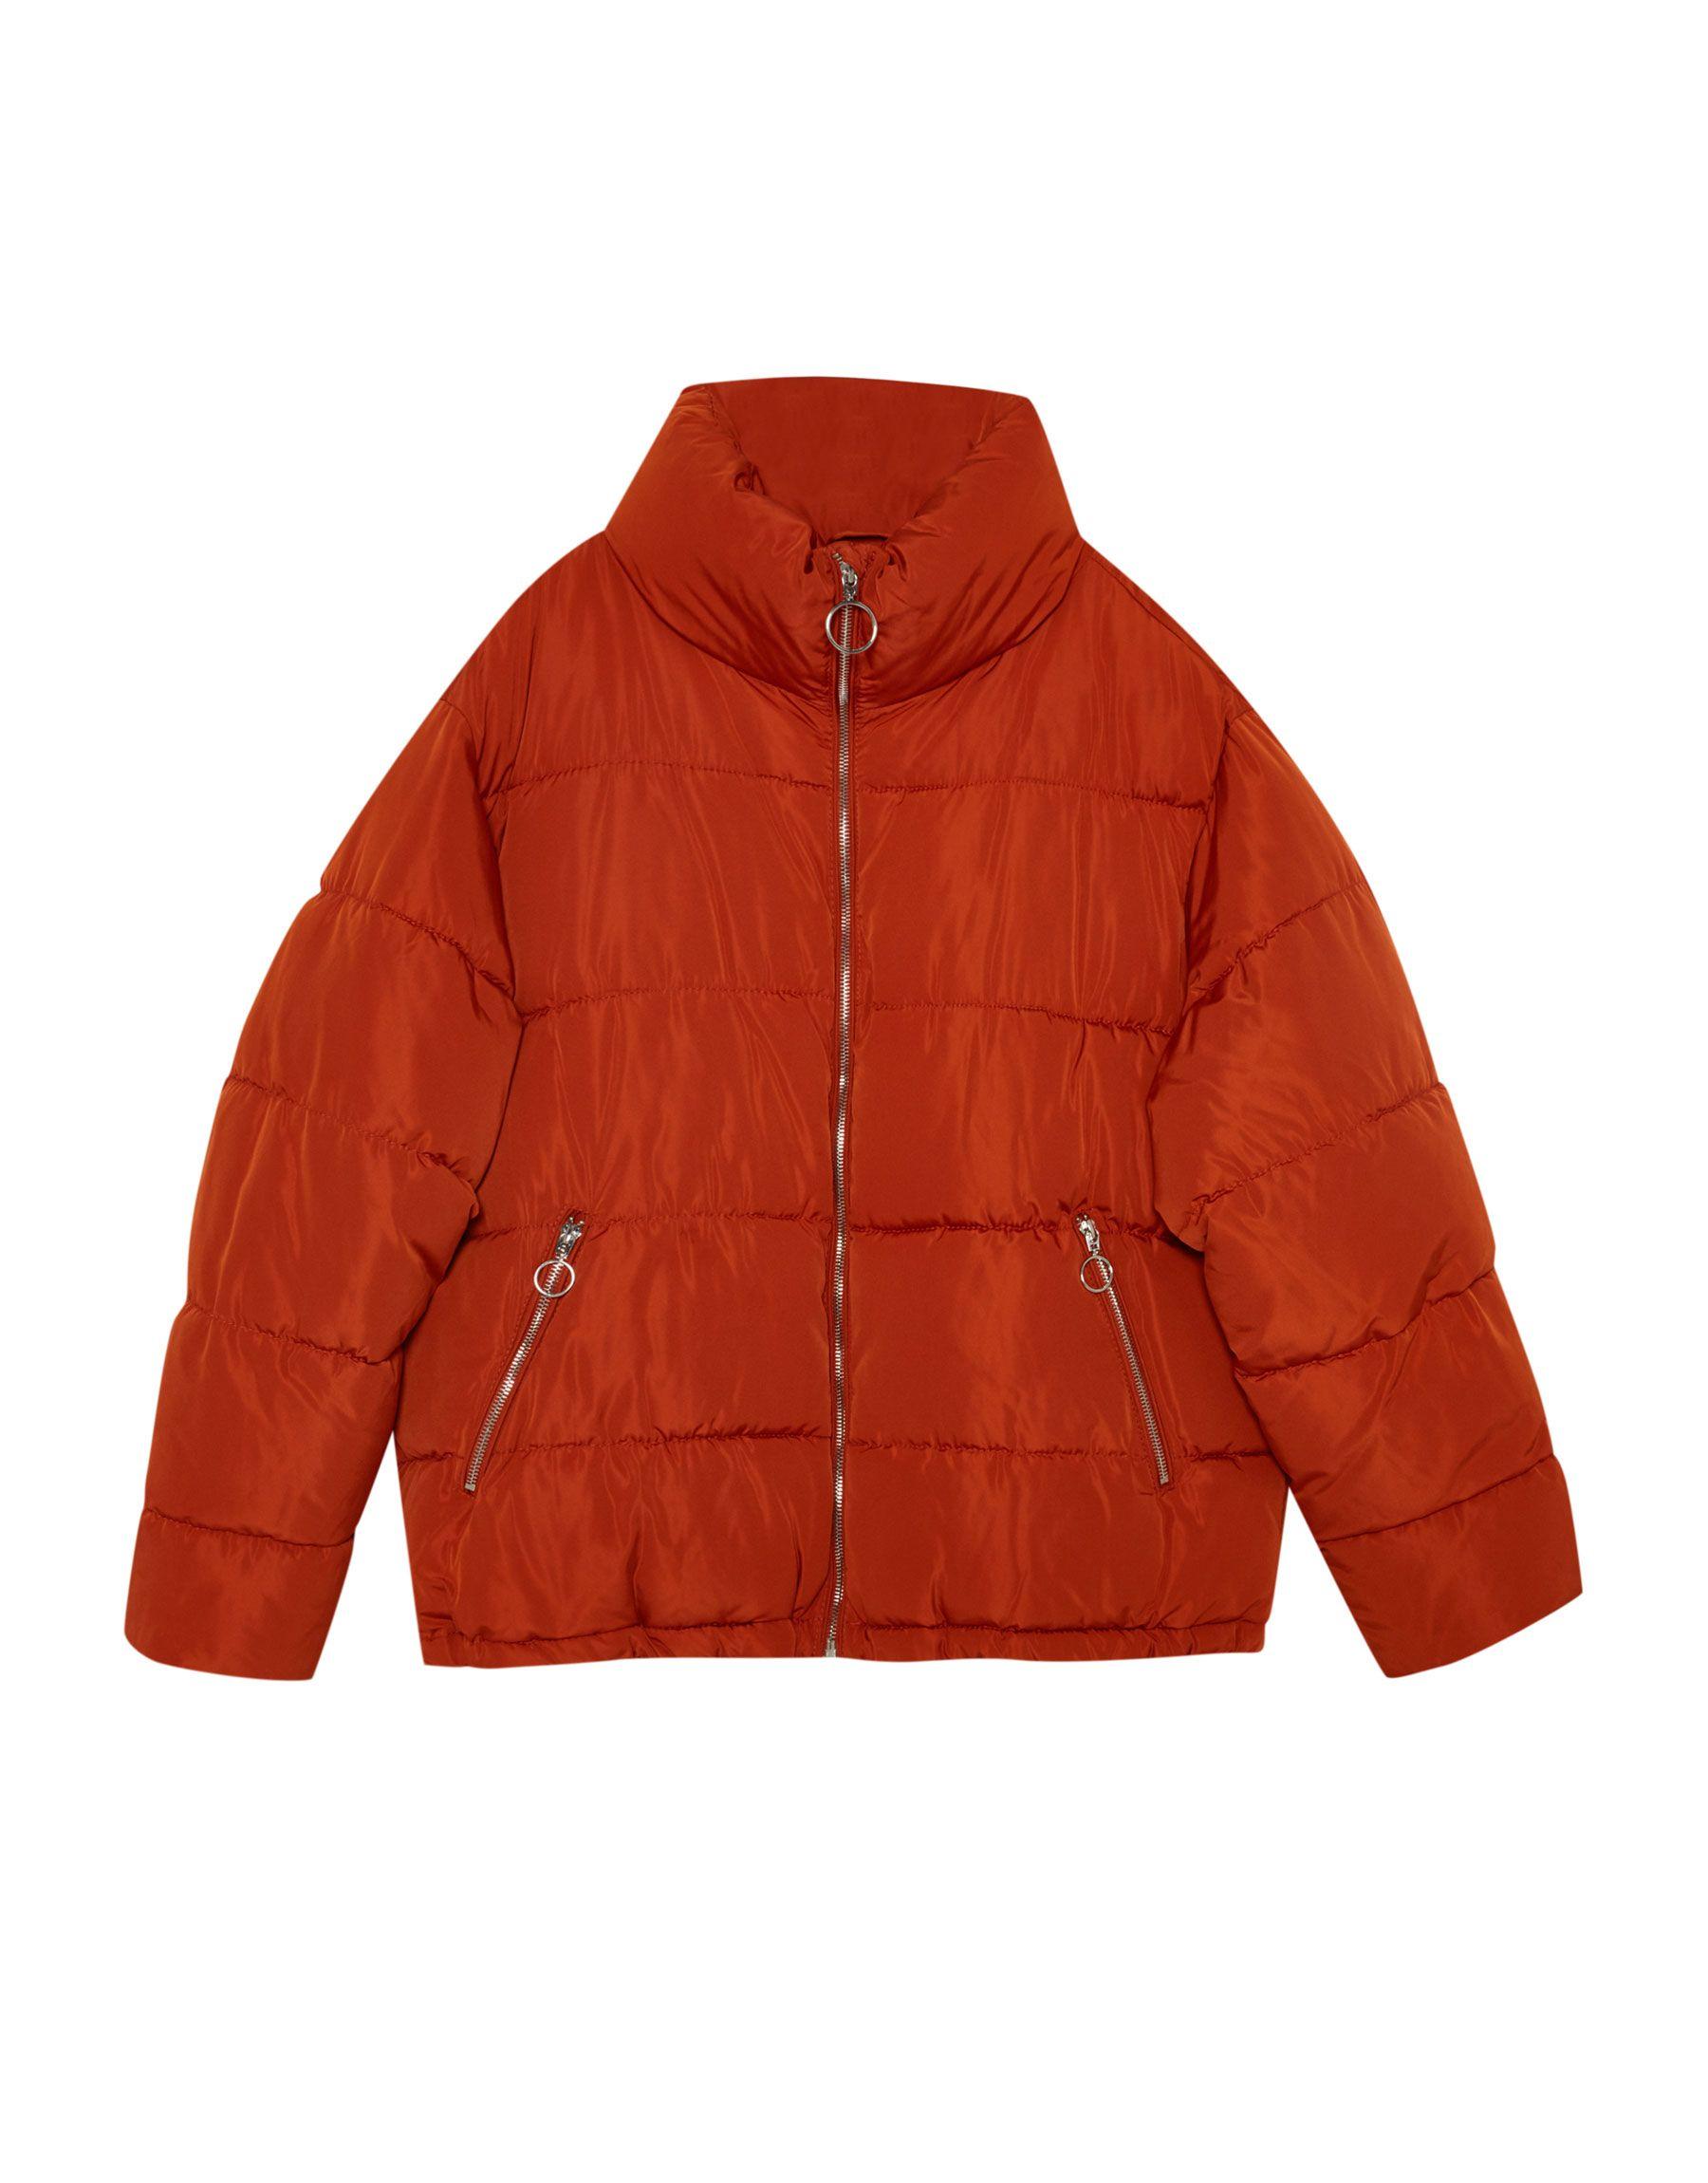 Dokumlu Blazer Blazer Ceketler Kabanlar Ve Ceketler Giyim Kadin Pull Bear Turkiye Outerwear Women Winter Outerwear Women Jacket Outfits